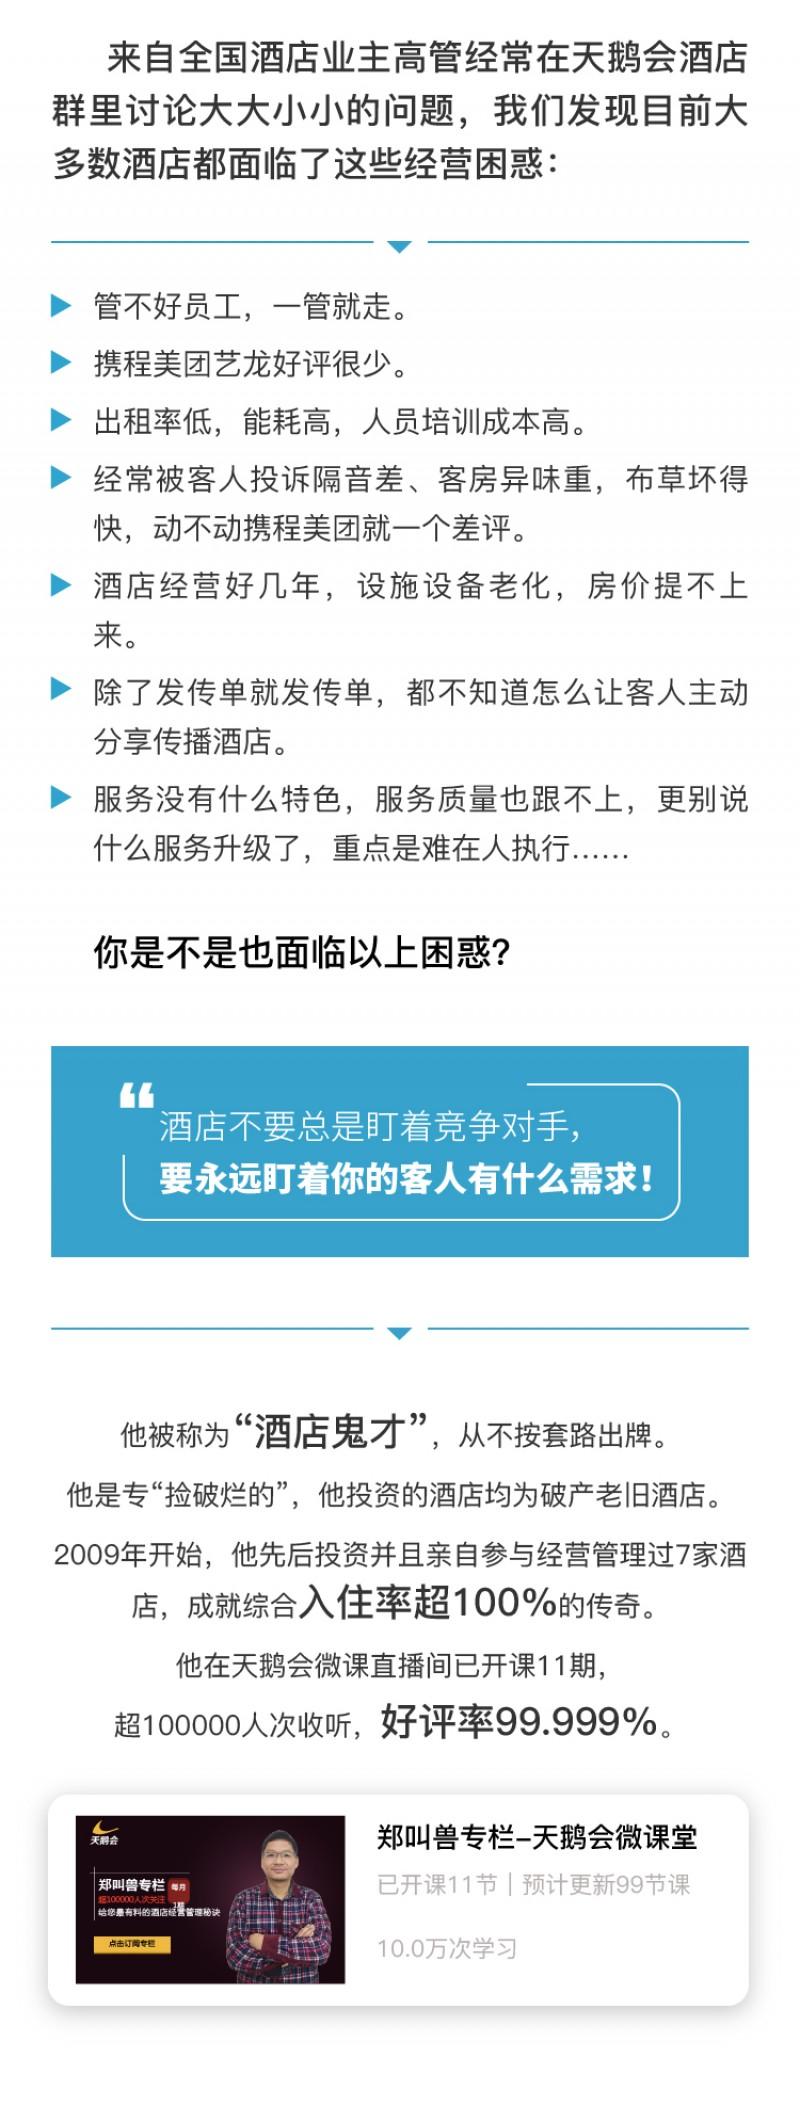 天鹅会推广长图文-01(5).jpg